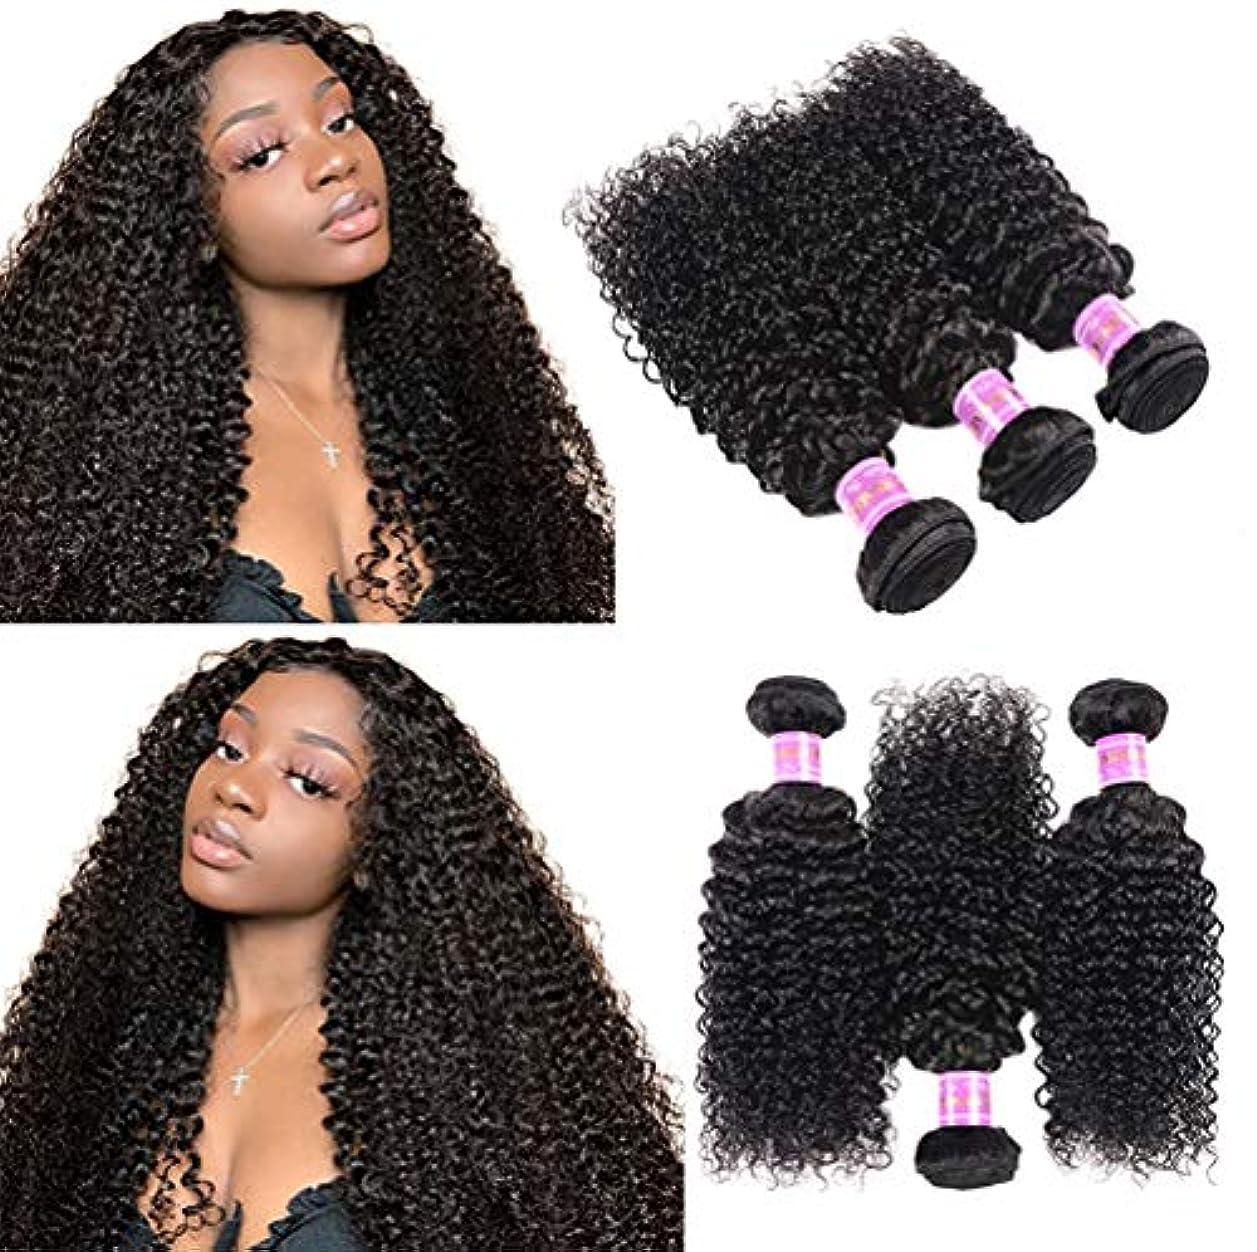 拮抗する沈黙家庭教師女性ブラジルのボディウェーブの毛の束ブラジルのボディウェーブバージンの毛100%未処理の二重よこ糸の人間の毛髪延長(3束)